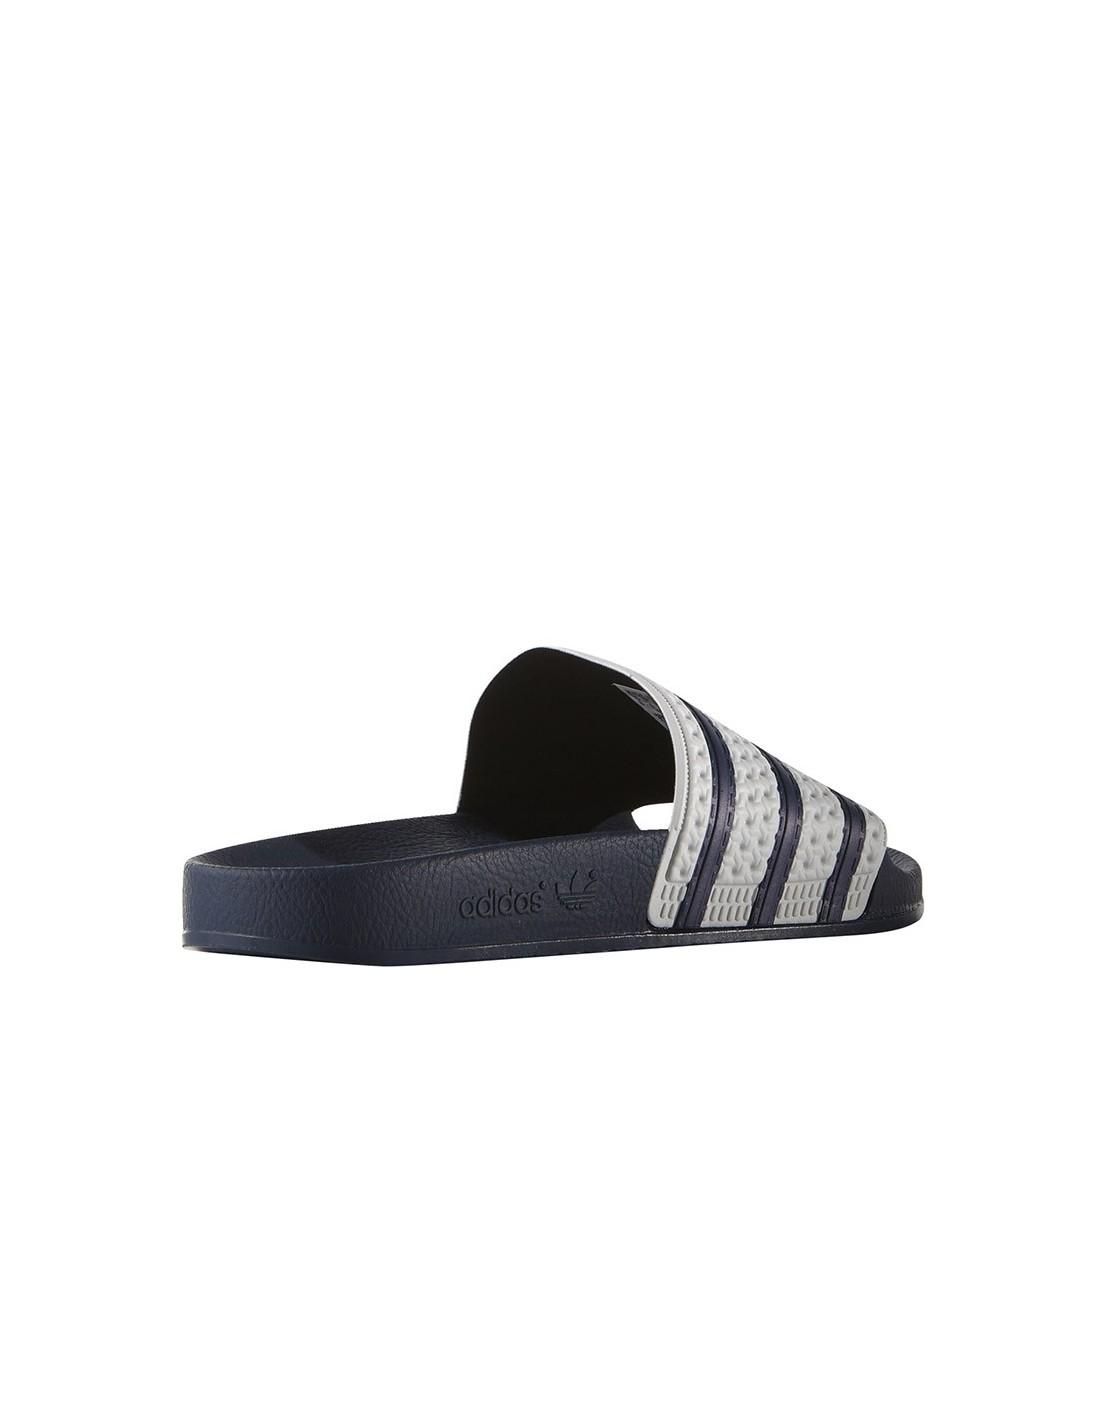 Nuova collezione Adidas originals sneakers 2016 2017 sul nostro shop ... a8aca1bb4bba